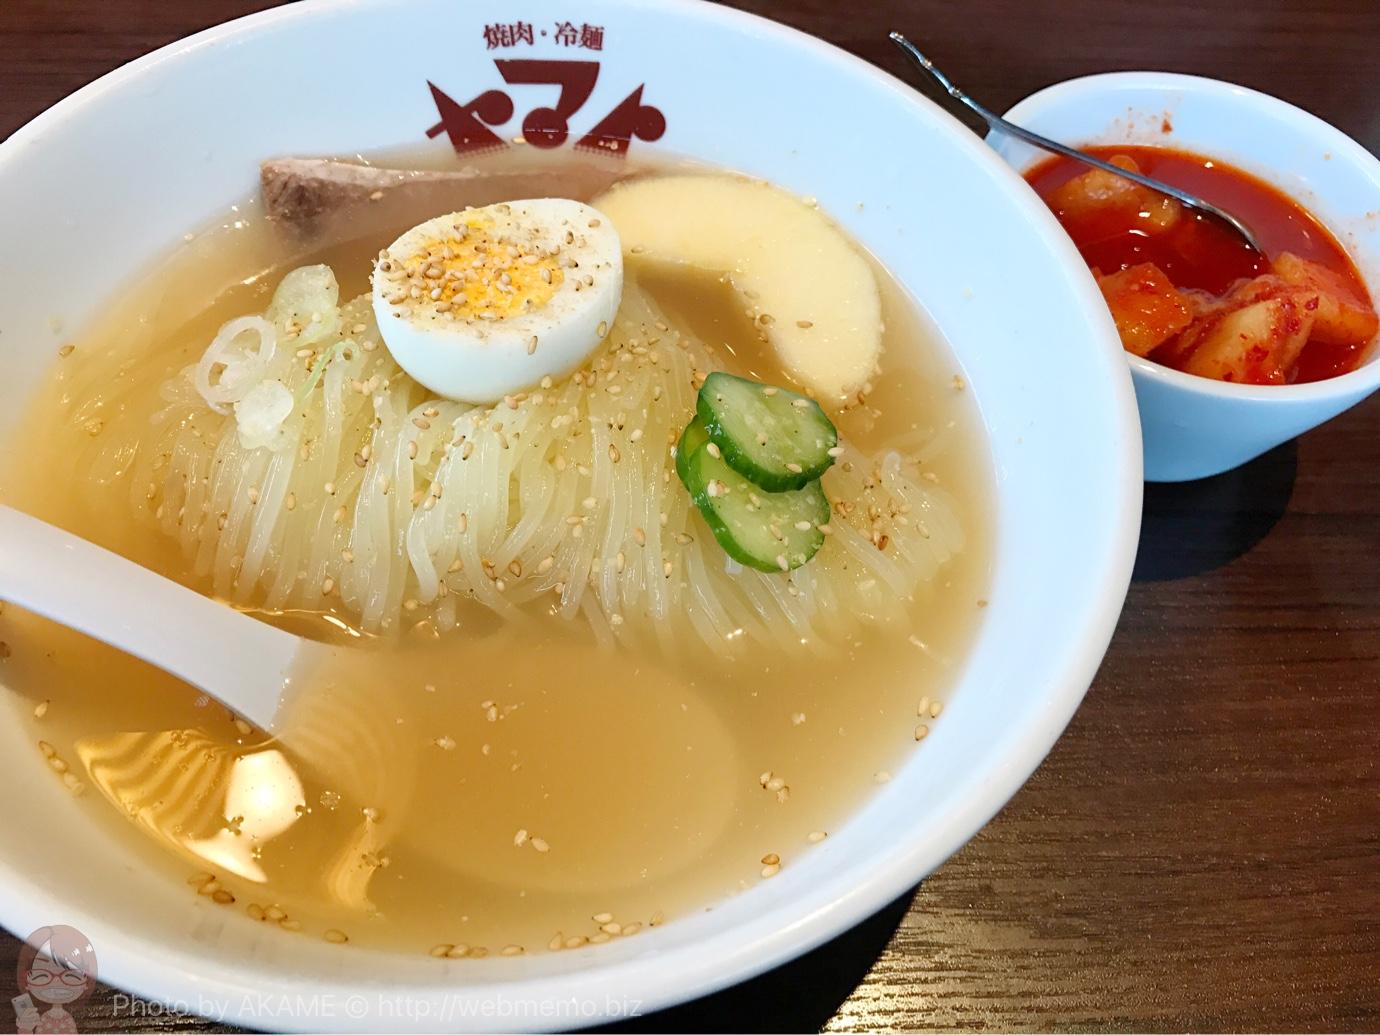 やみつきカルビ冷麺セット(1,000円)